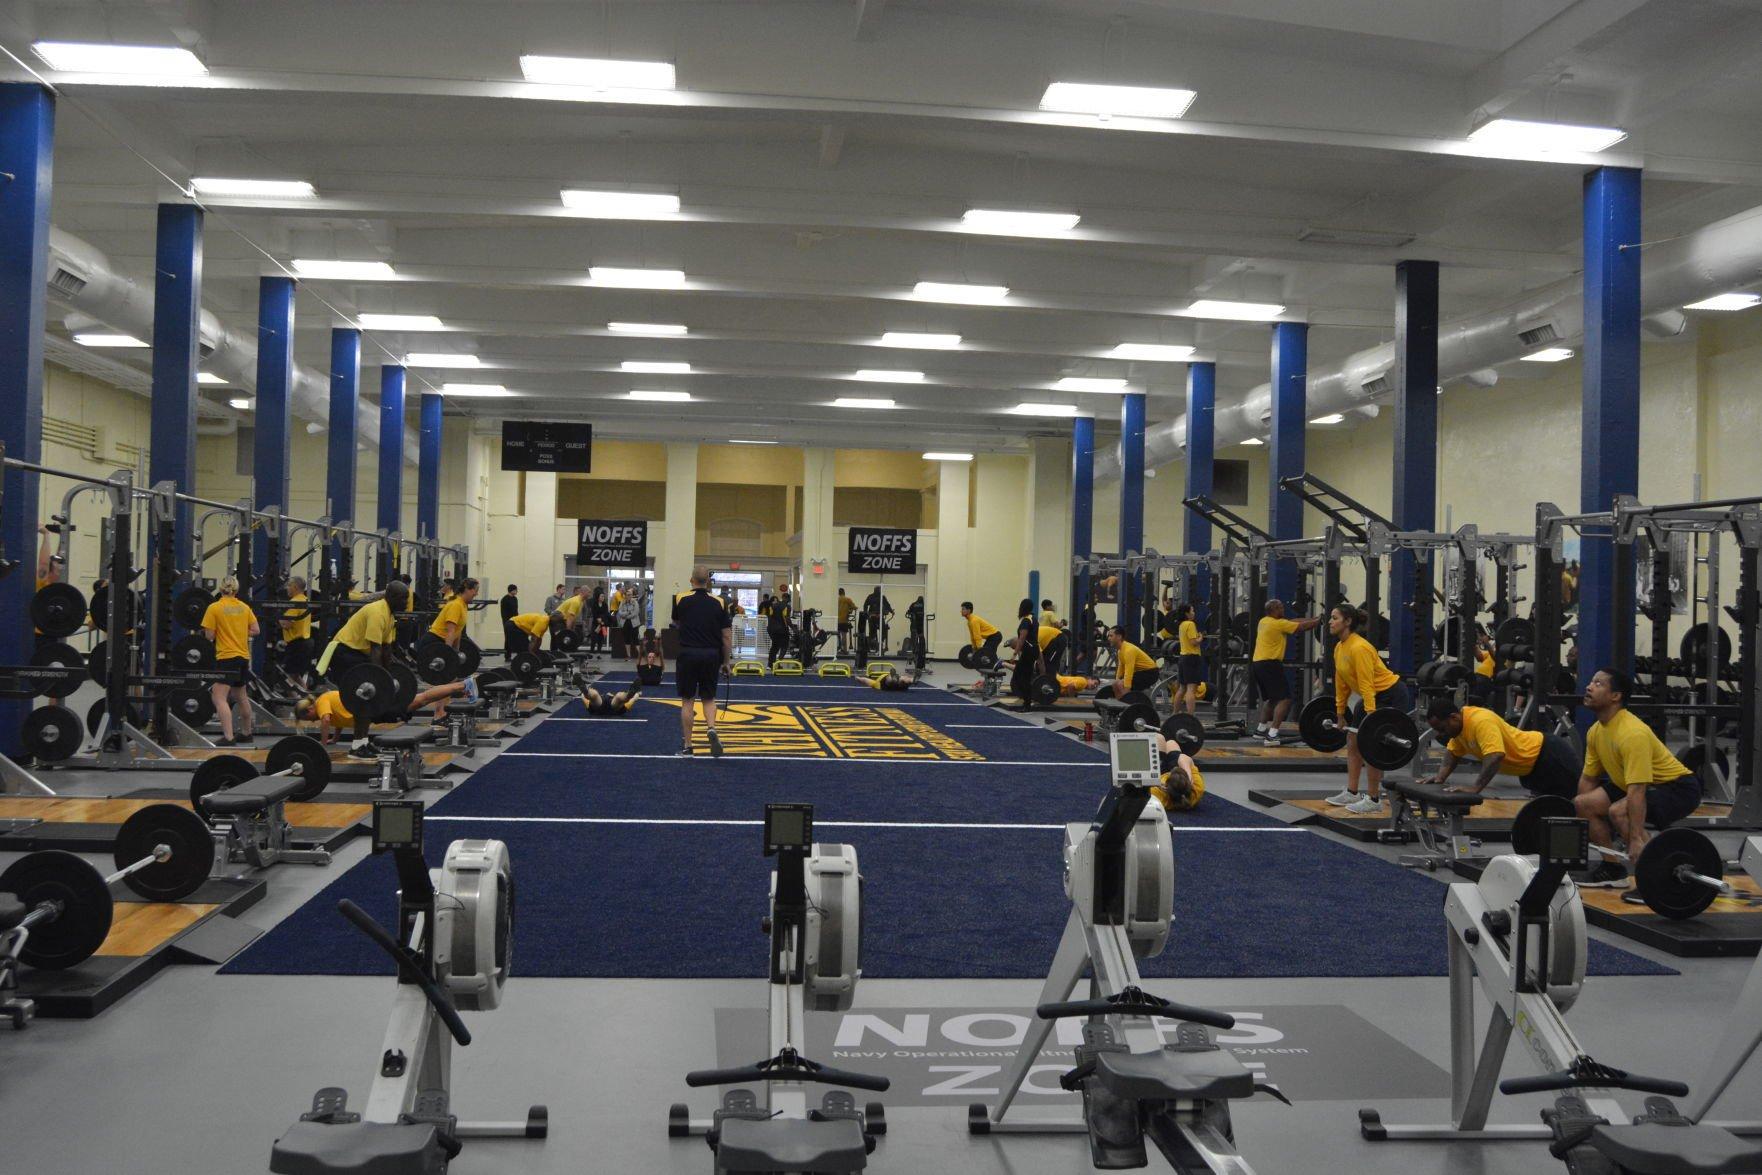 Nob norfolk gym